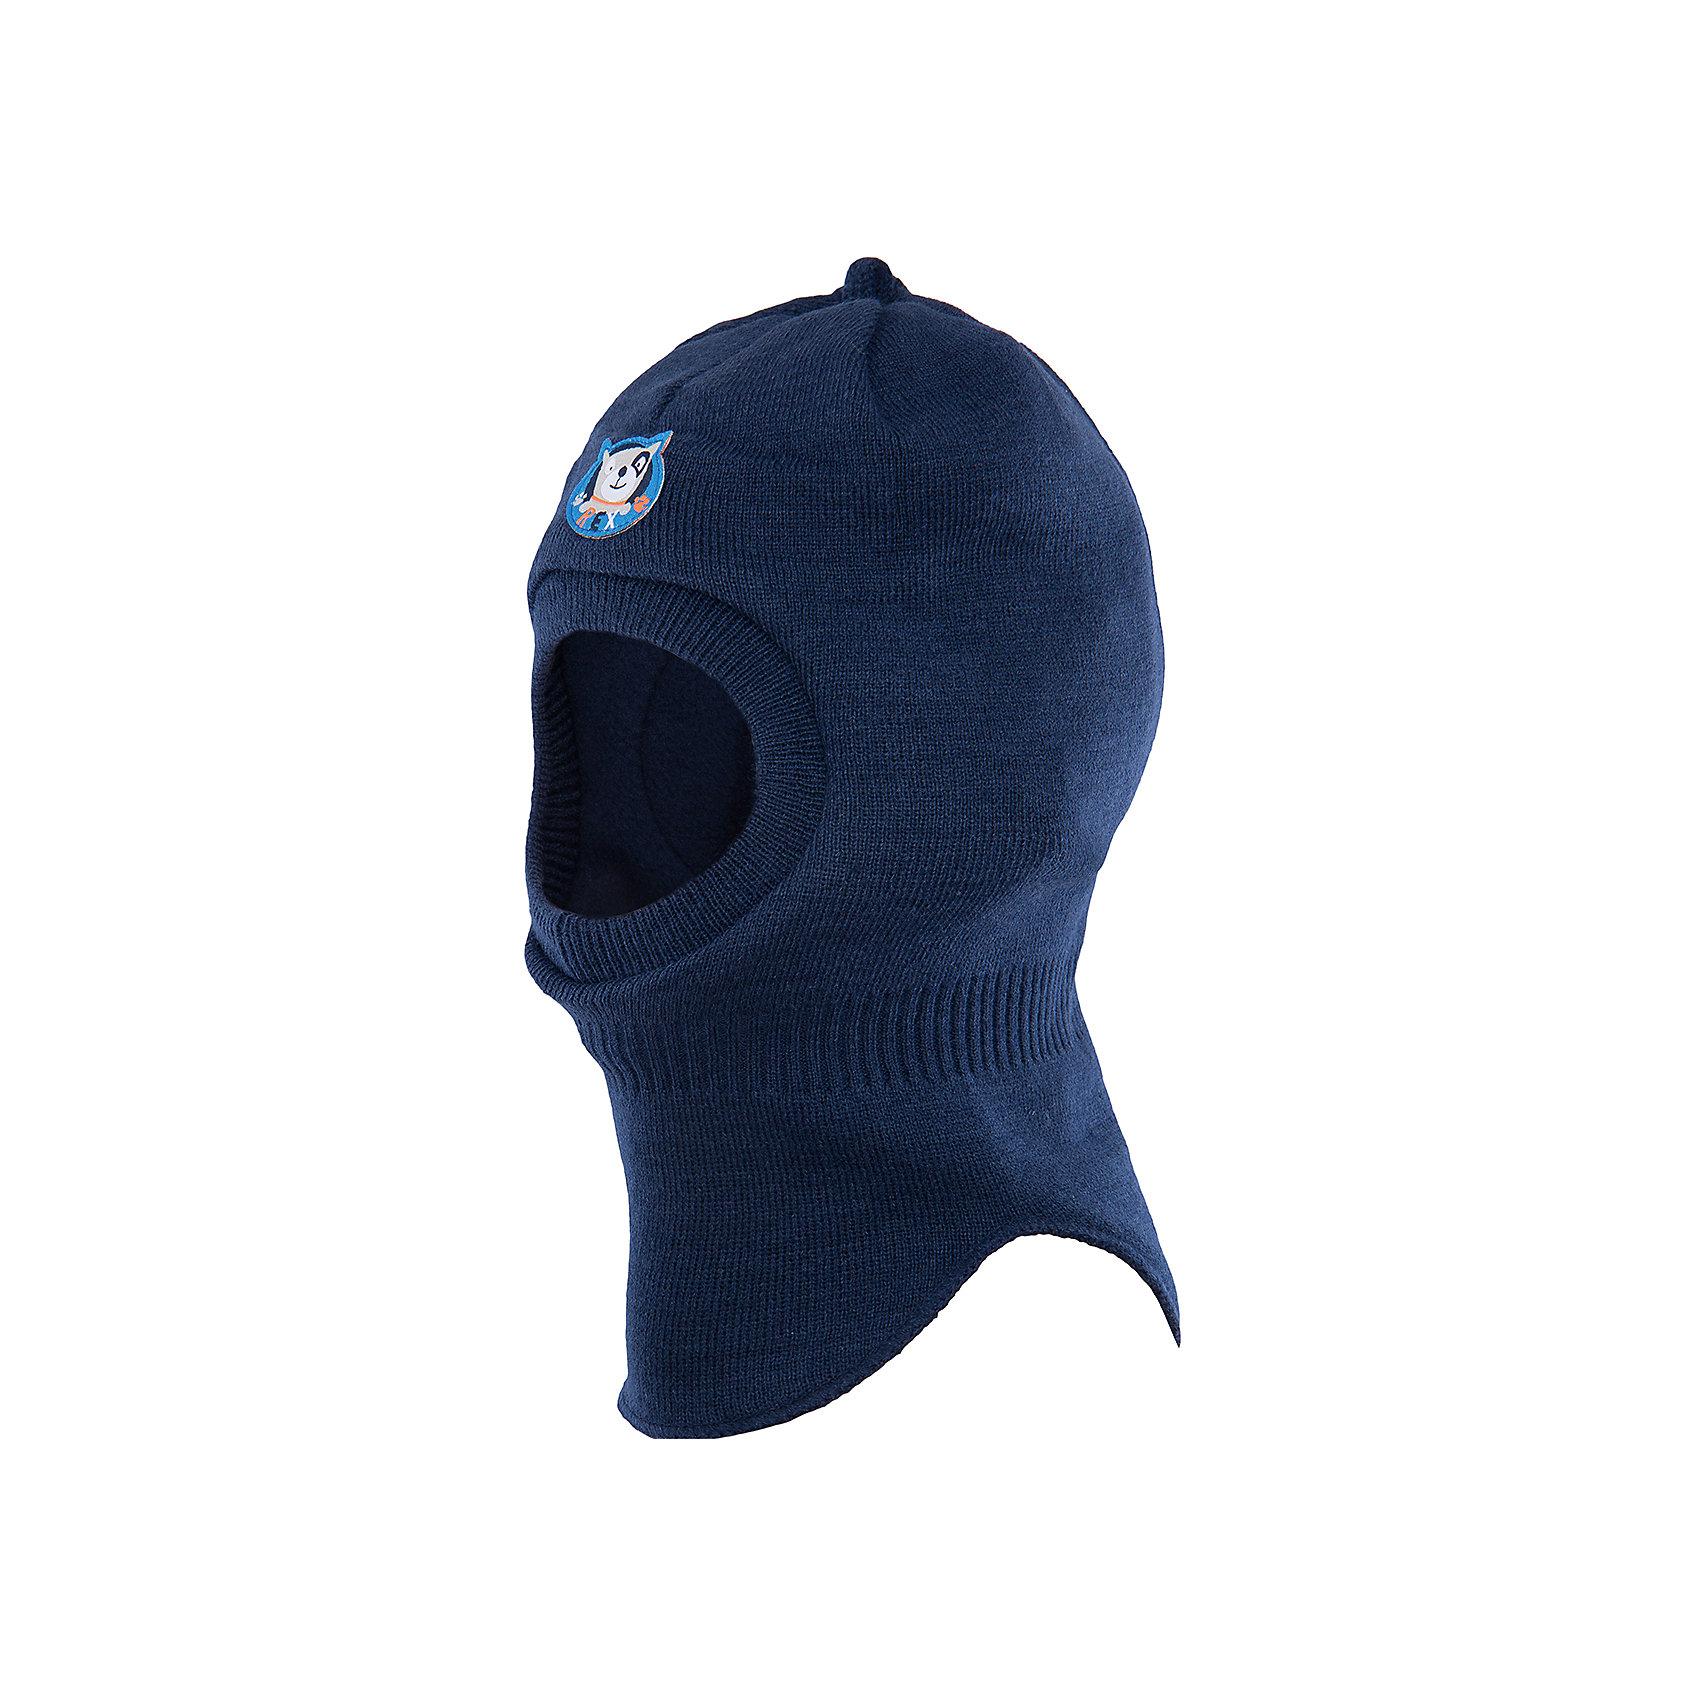 Шапка для мальчика PlayTodayЗимние<br>Шапка для мальчика от известного бренда PlayToday.<br>Теплая шапка-шлем надежно защитит от ветра. Внутри уютная флисовая подкладка.<br>Состав:<br>Верх: 100% акрил,  подкладка: 100% полиэстер, наполнитель: 100% полиэстер<br><br>Ширина мм: 157<br>Глубина мм: 13<br>Высота мм: 119<br>Вес г: 200<br>Цвет: синий<br>Возраст от месяцев: 12<br>Возраст до месяцев: 18<br>Пол: Мужской<br>Возраст: Детский<br>Размер: 46,48<br>SKU: 4900883